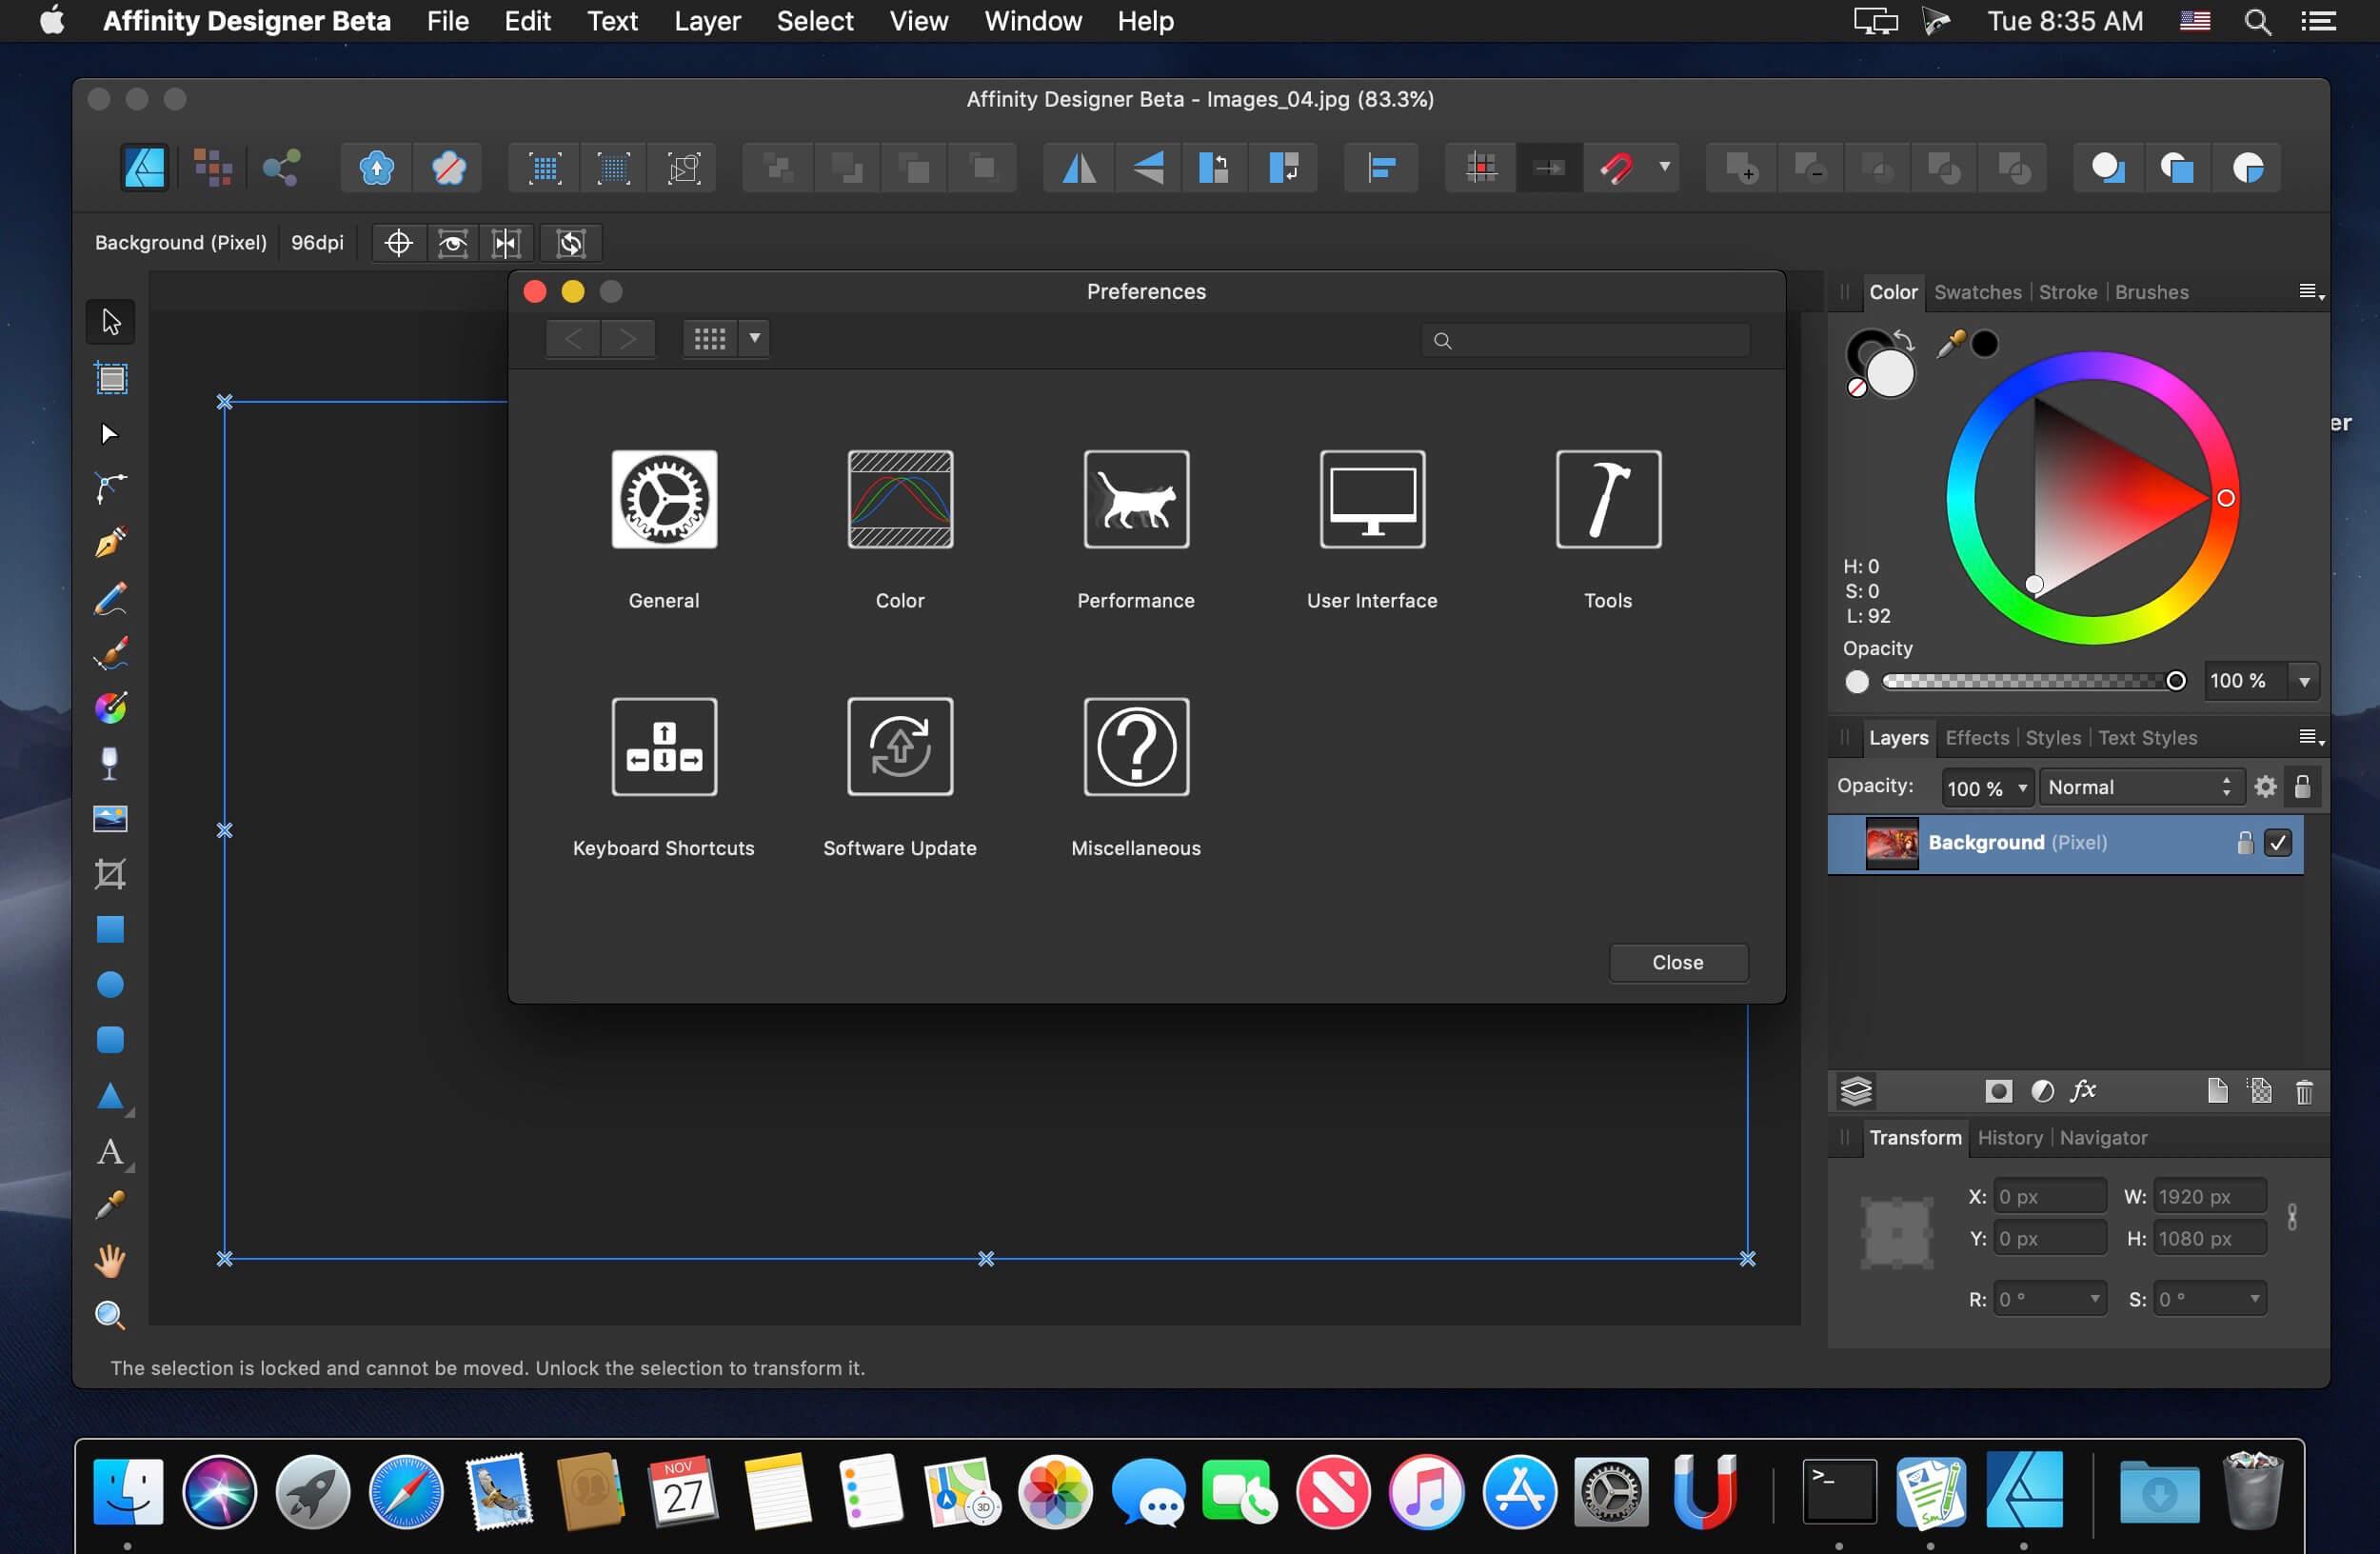 Affinity Designer 1 7 1 1 CR2 download | macOS